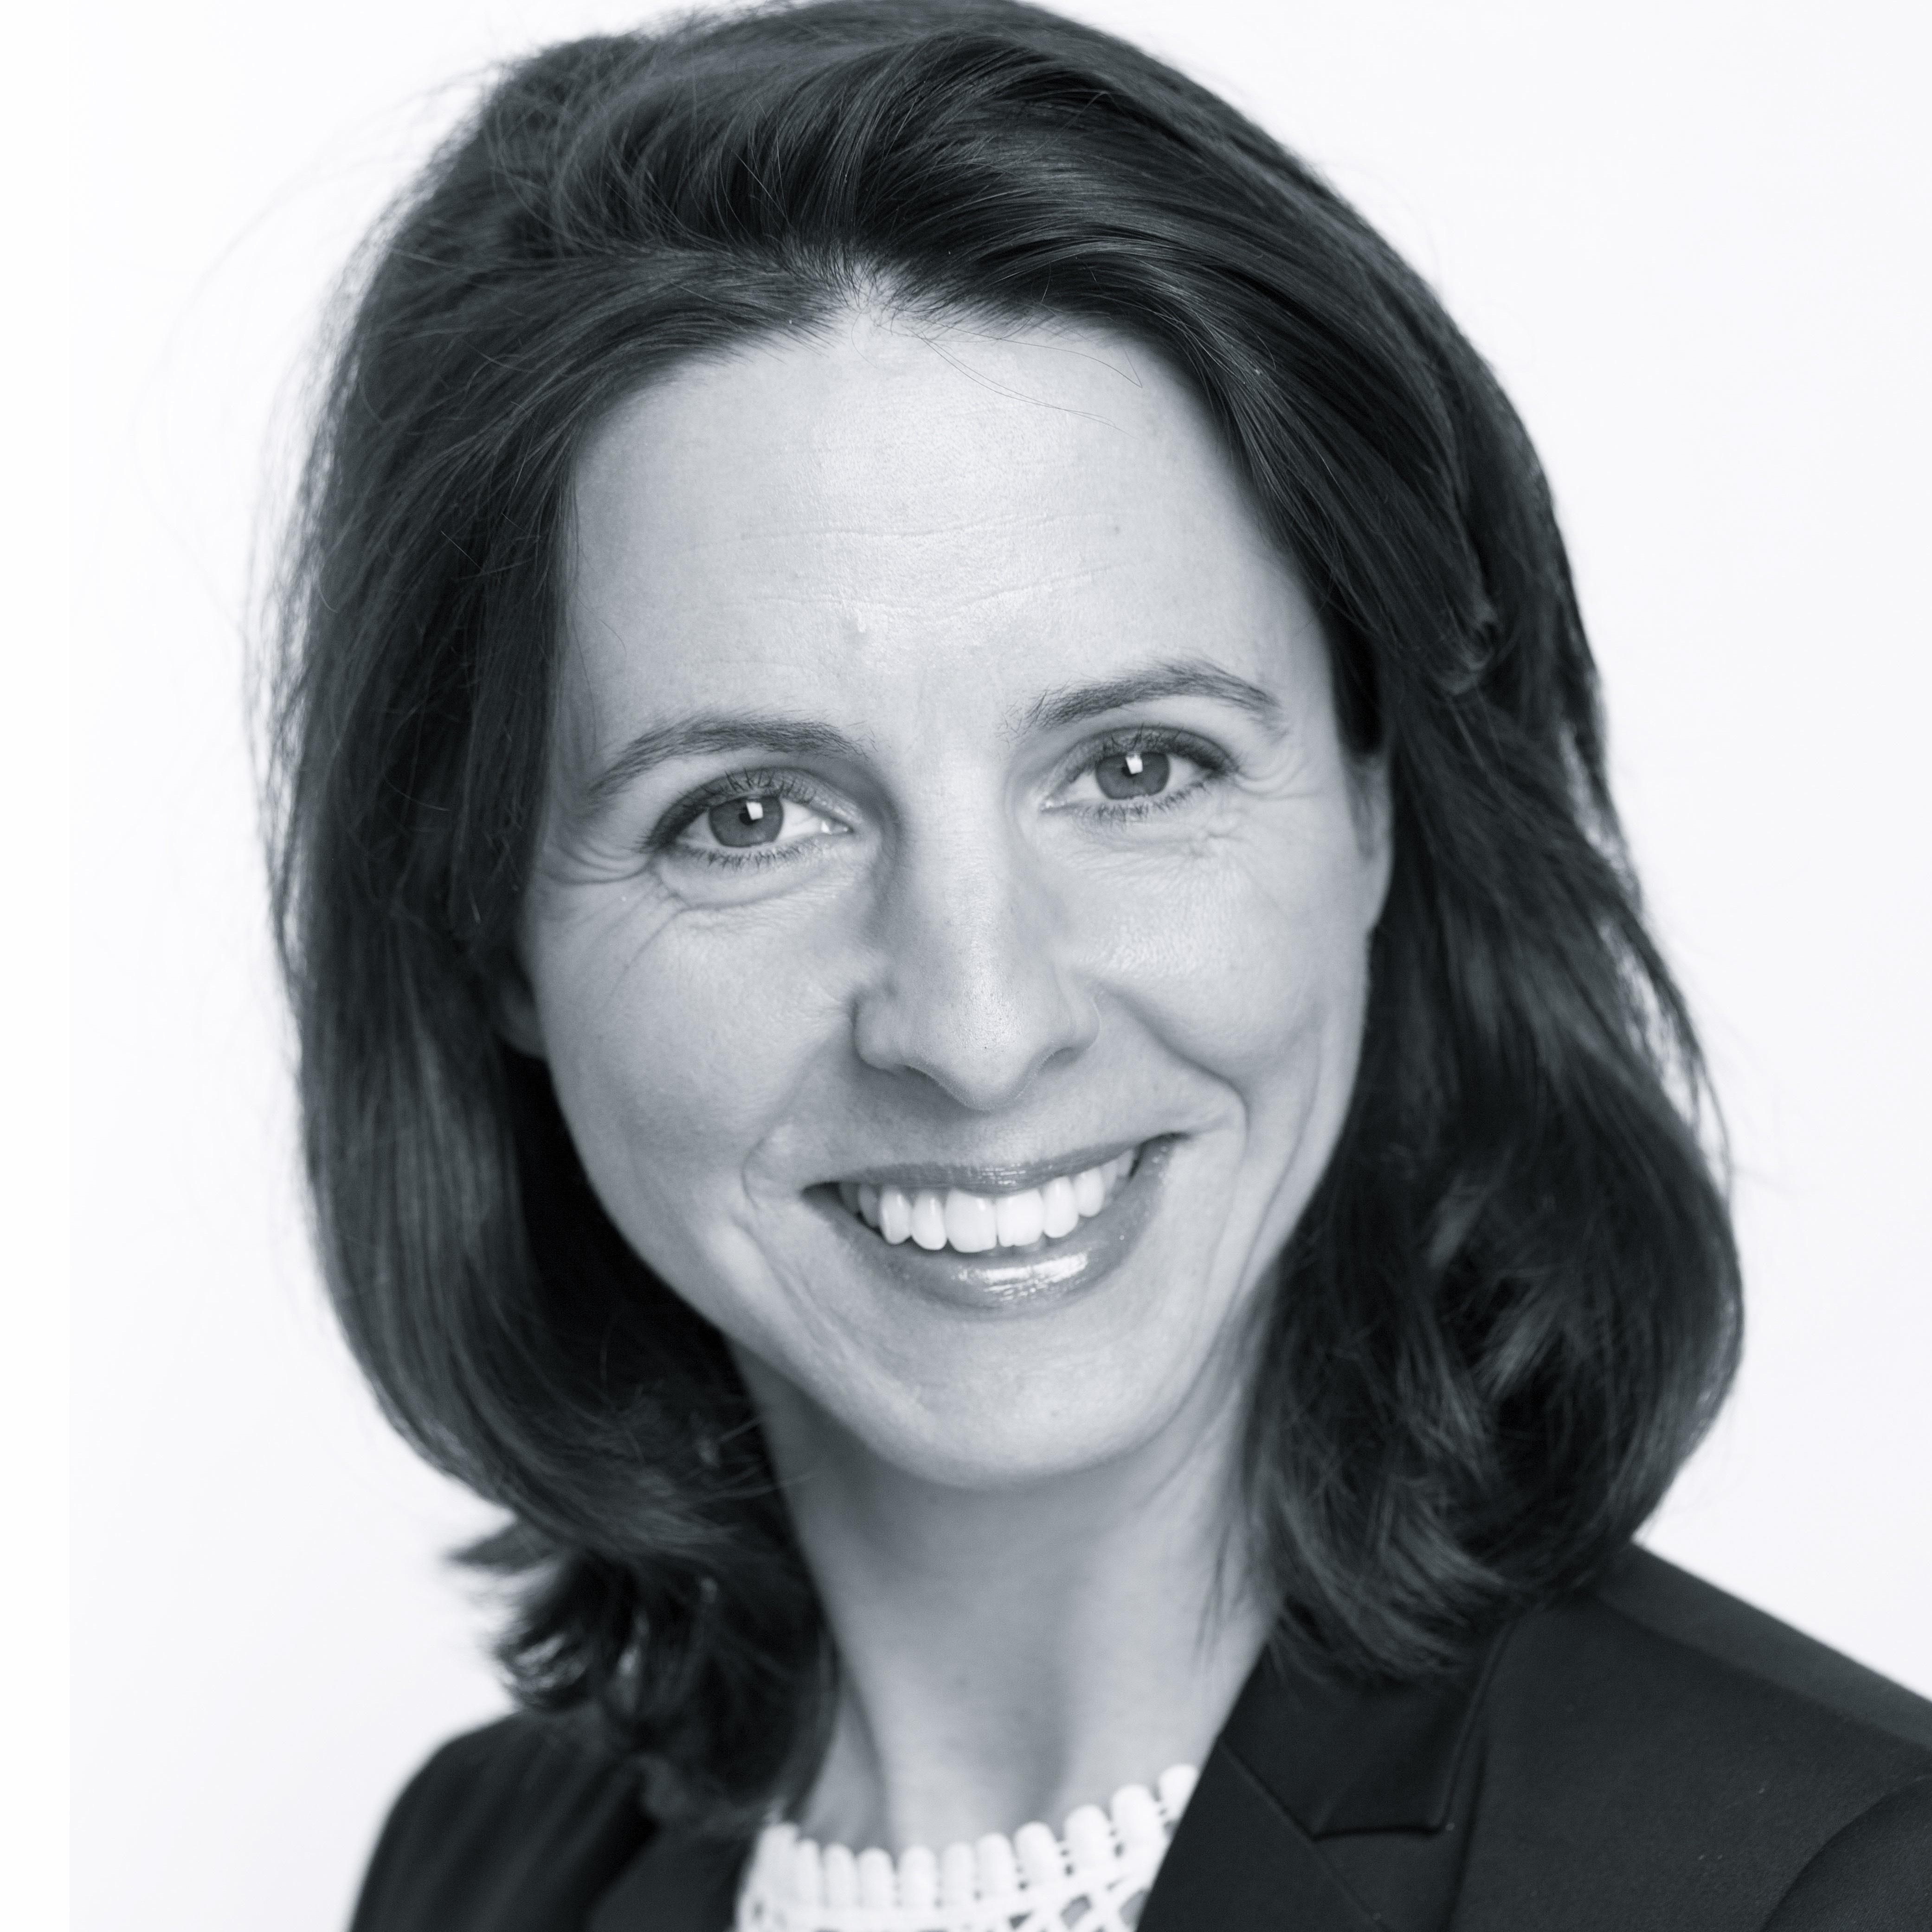 Charlotte Linnebank